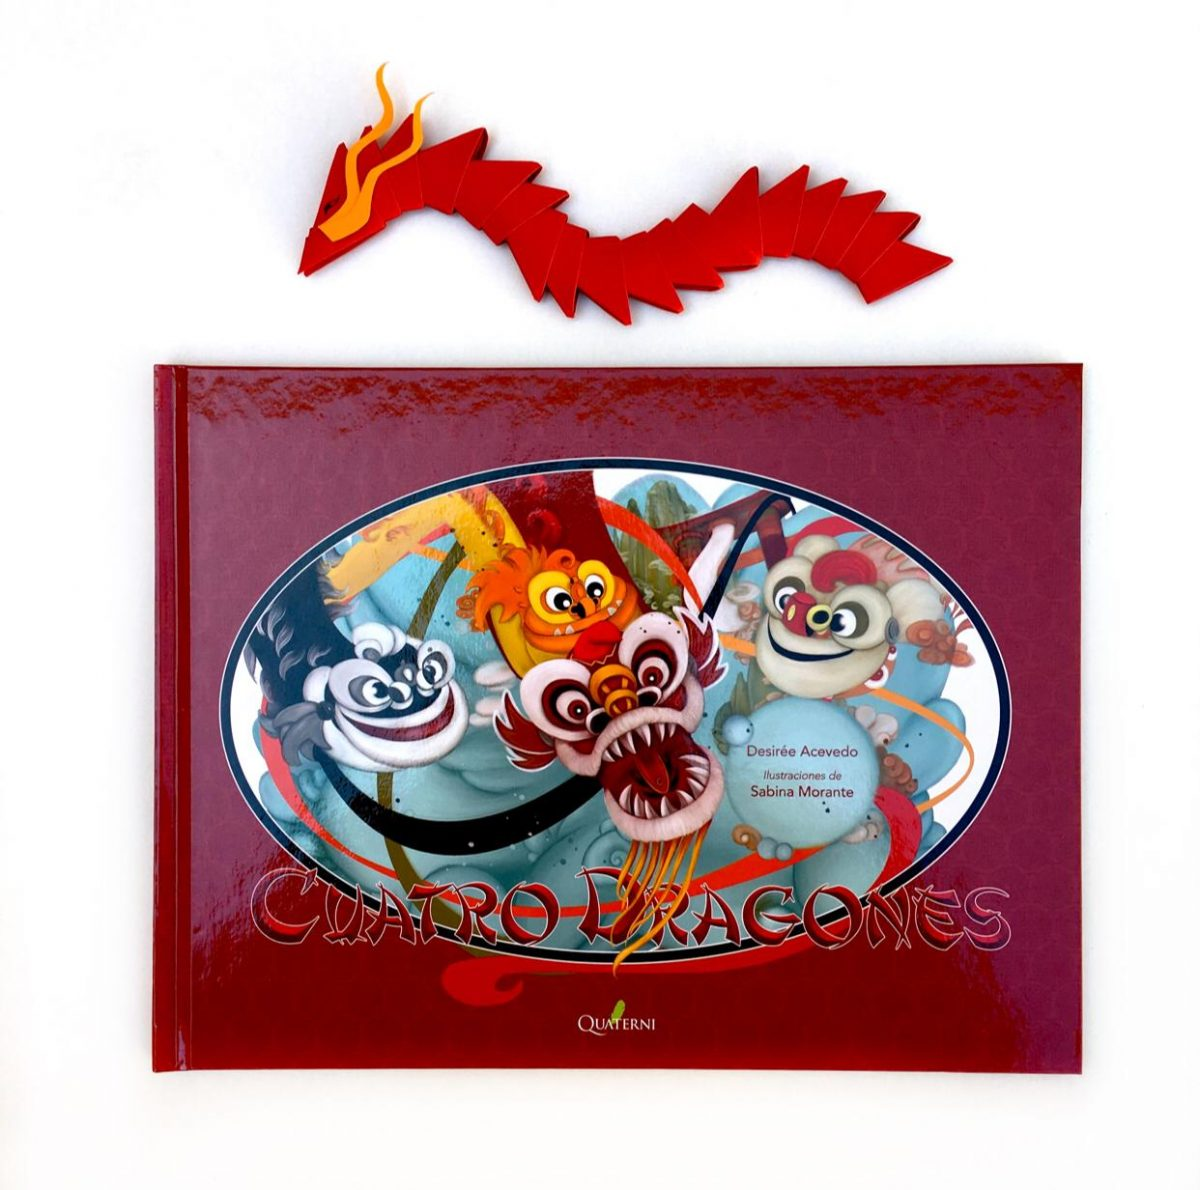 portada cuatro dragones